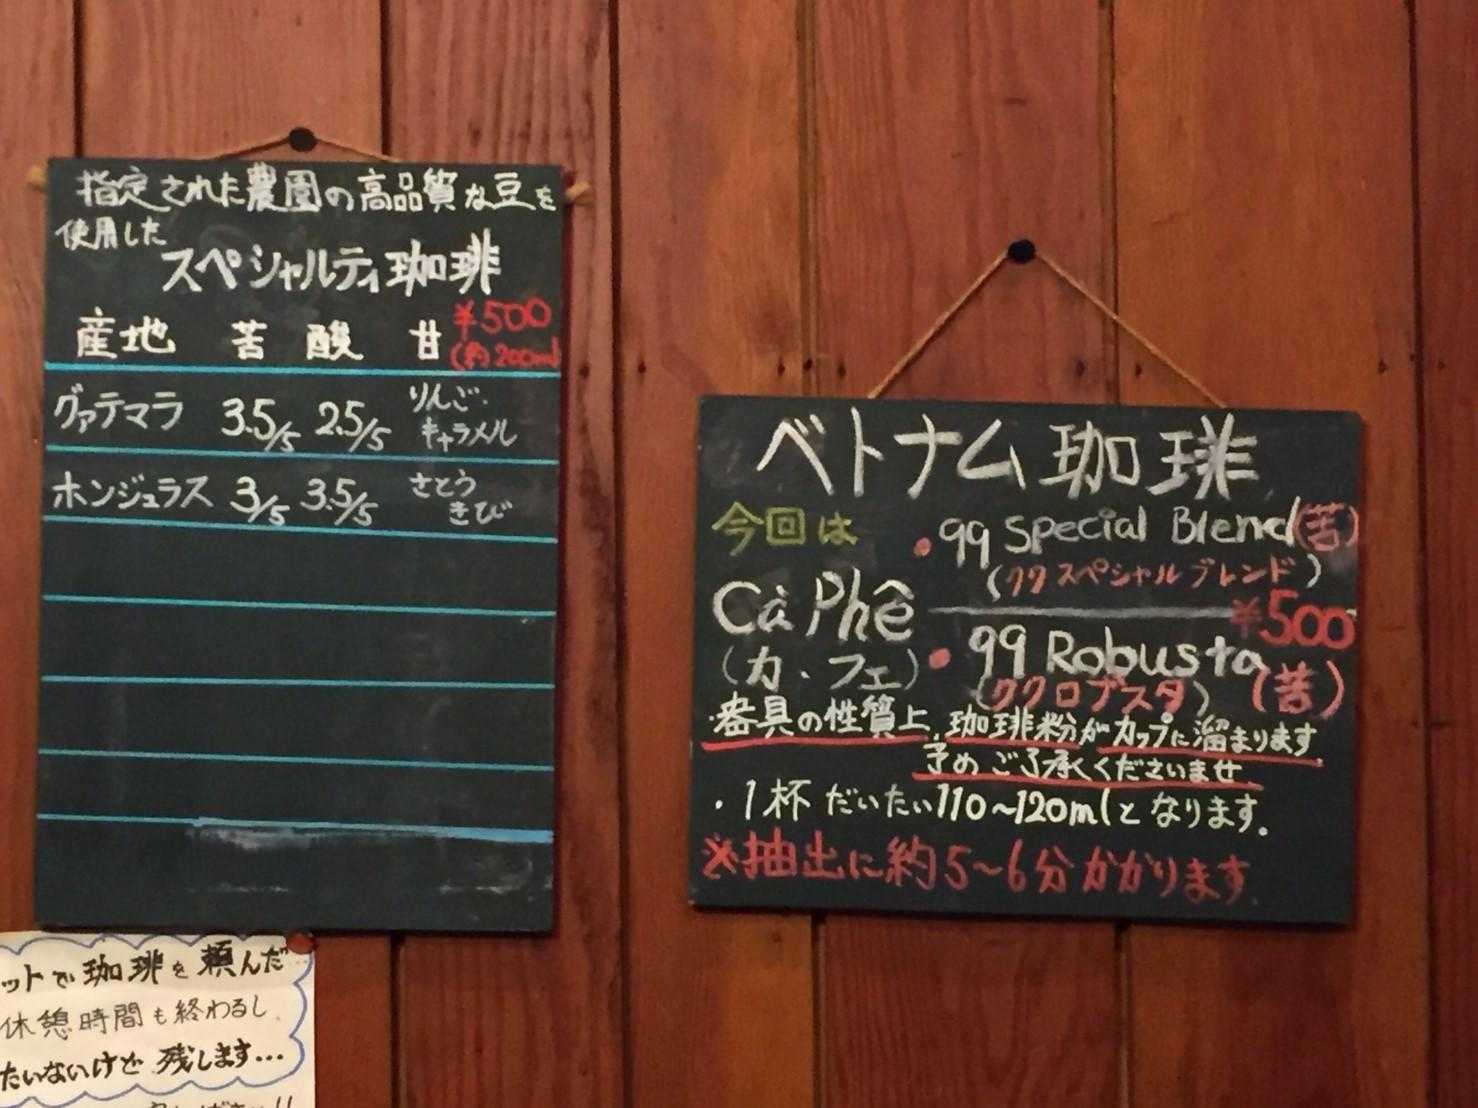 喫茶 1er ぷるみえ (たっぷりキャベツのお好み焼き仕立て)_e0115904_13592733.jpg